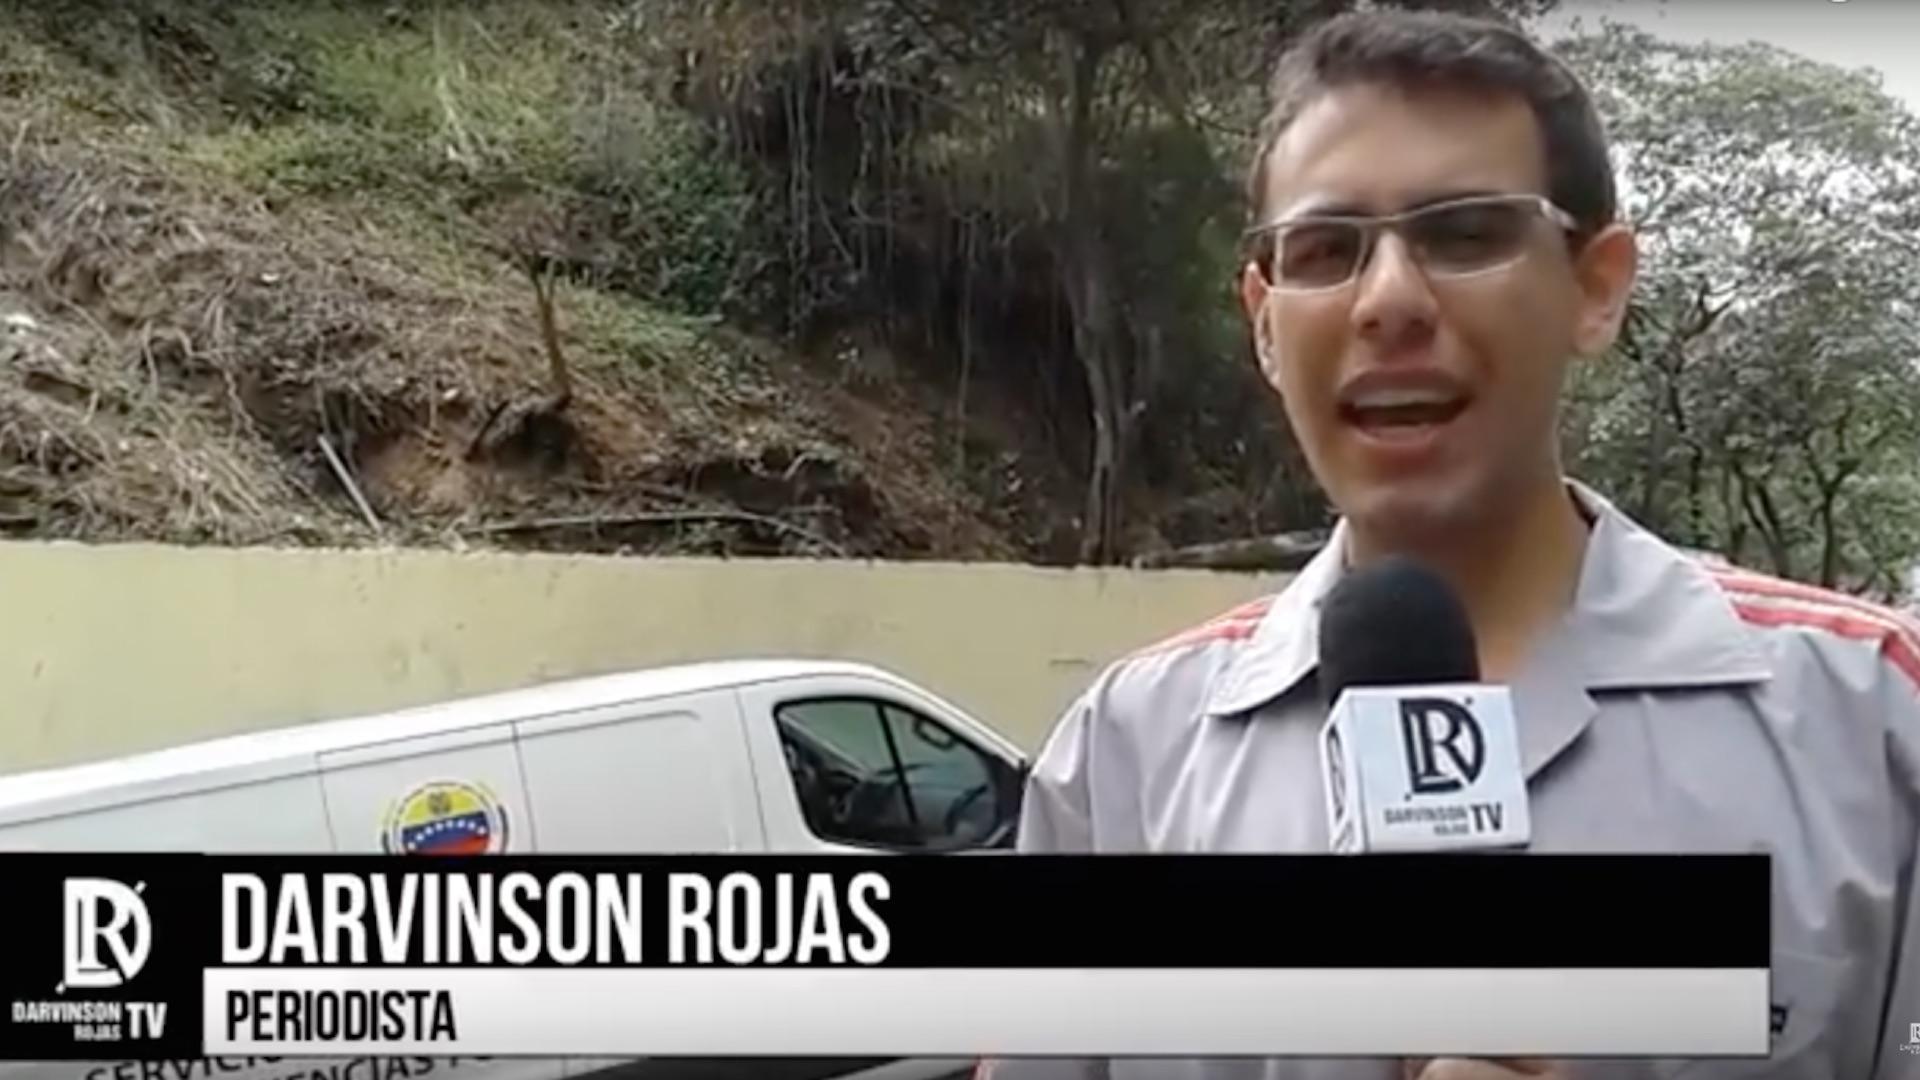 Monitor de Víctimas rechaza detención arbitraria del periodista Darvinson Rojas